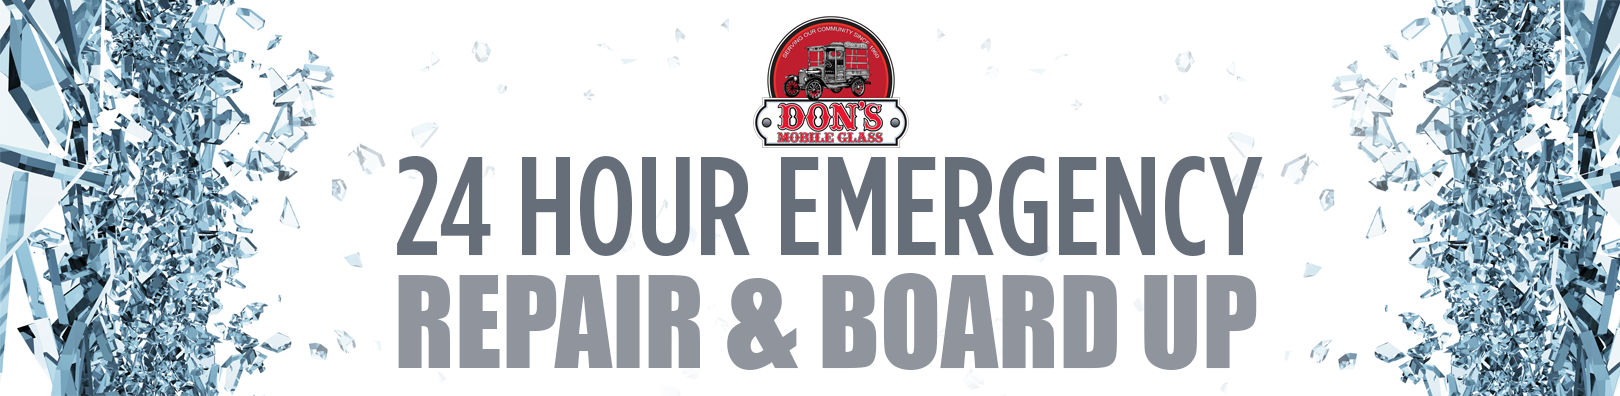 Emergency-Repair-landing-page